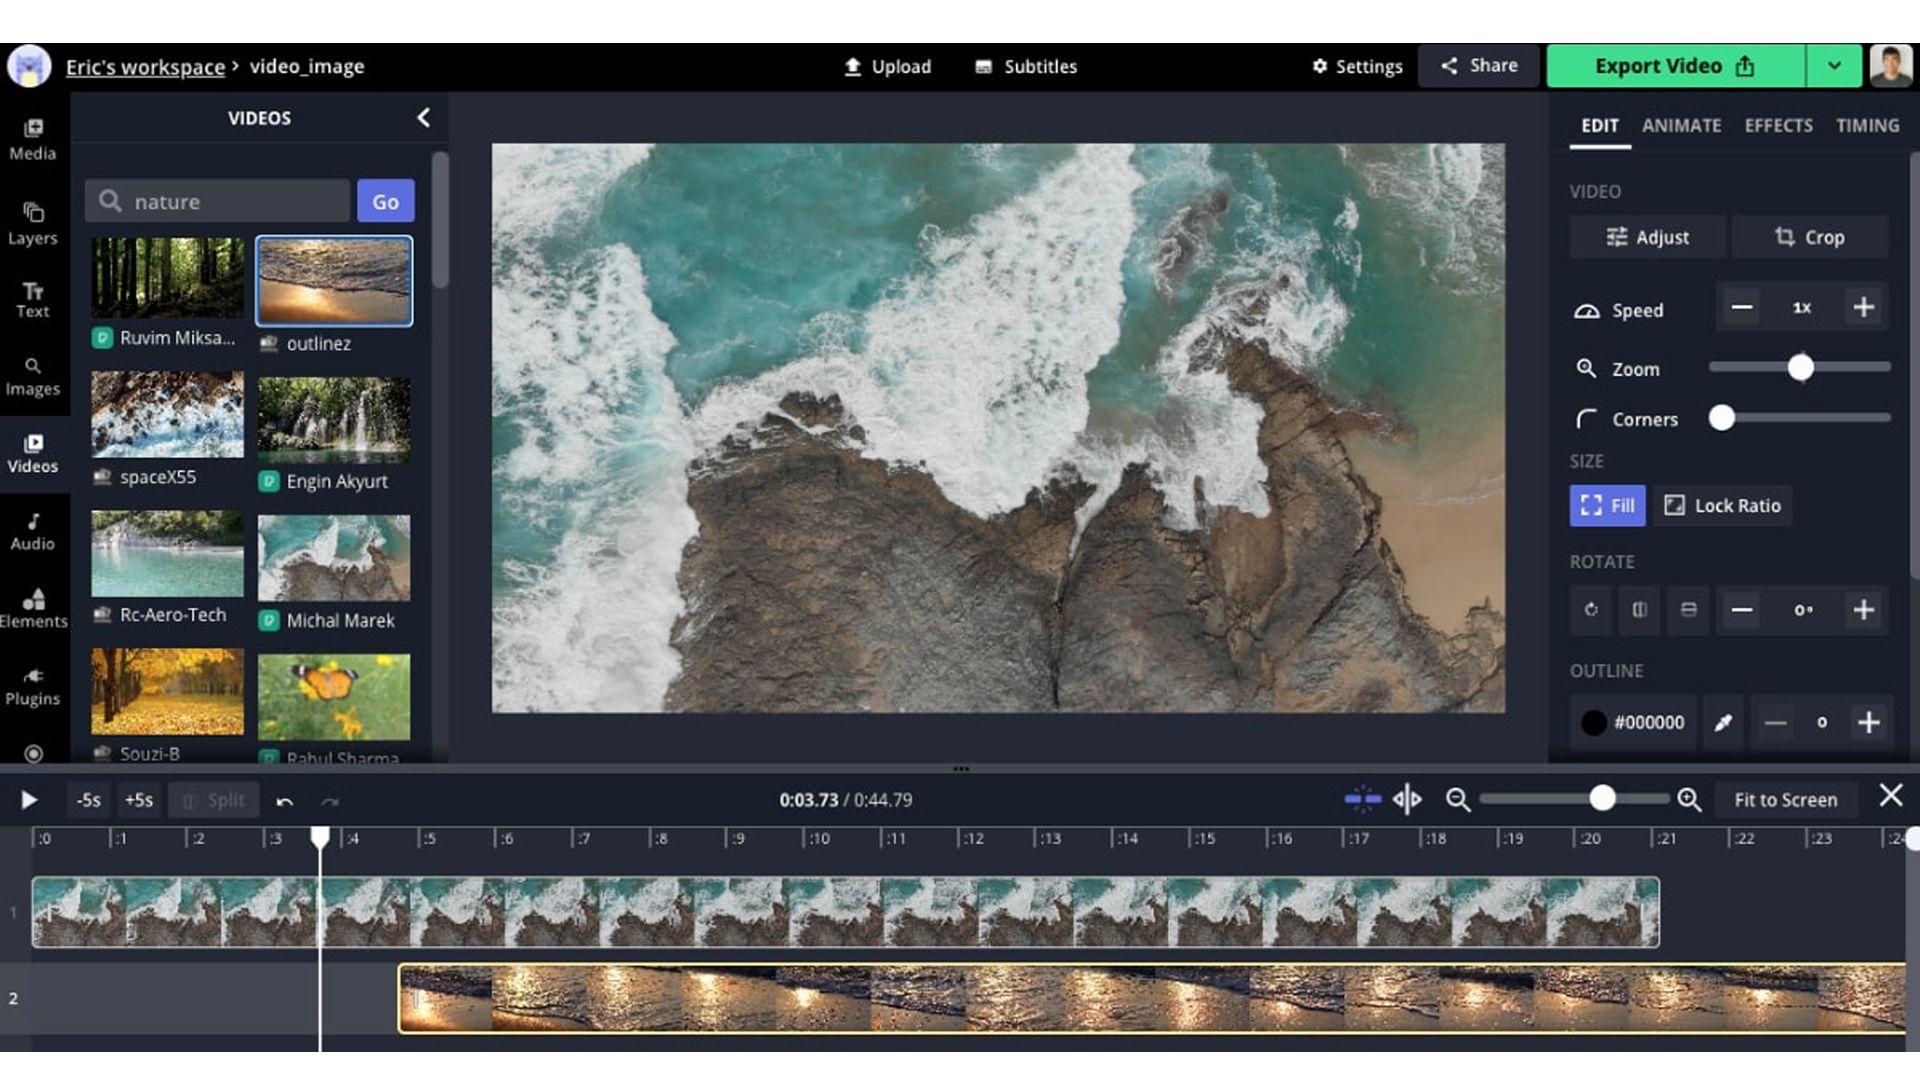 Captura da tela de edição do editor de vídeo online Kapwing